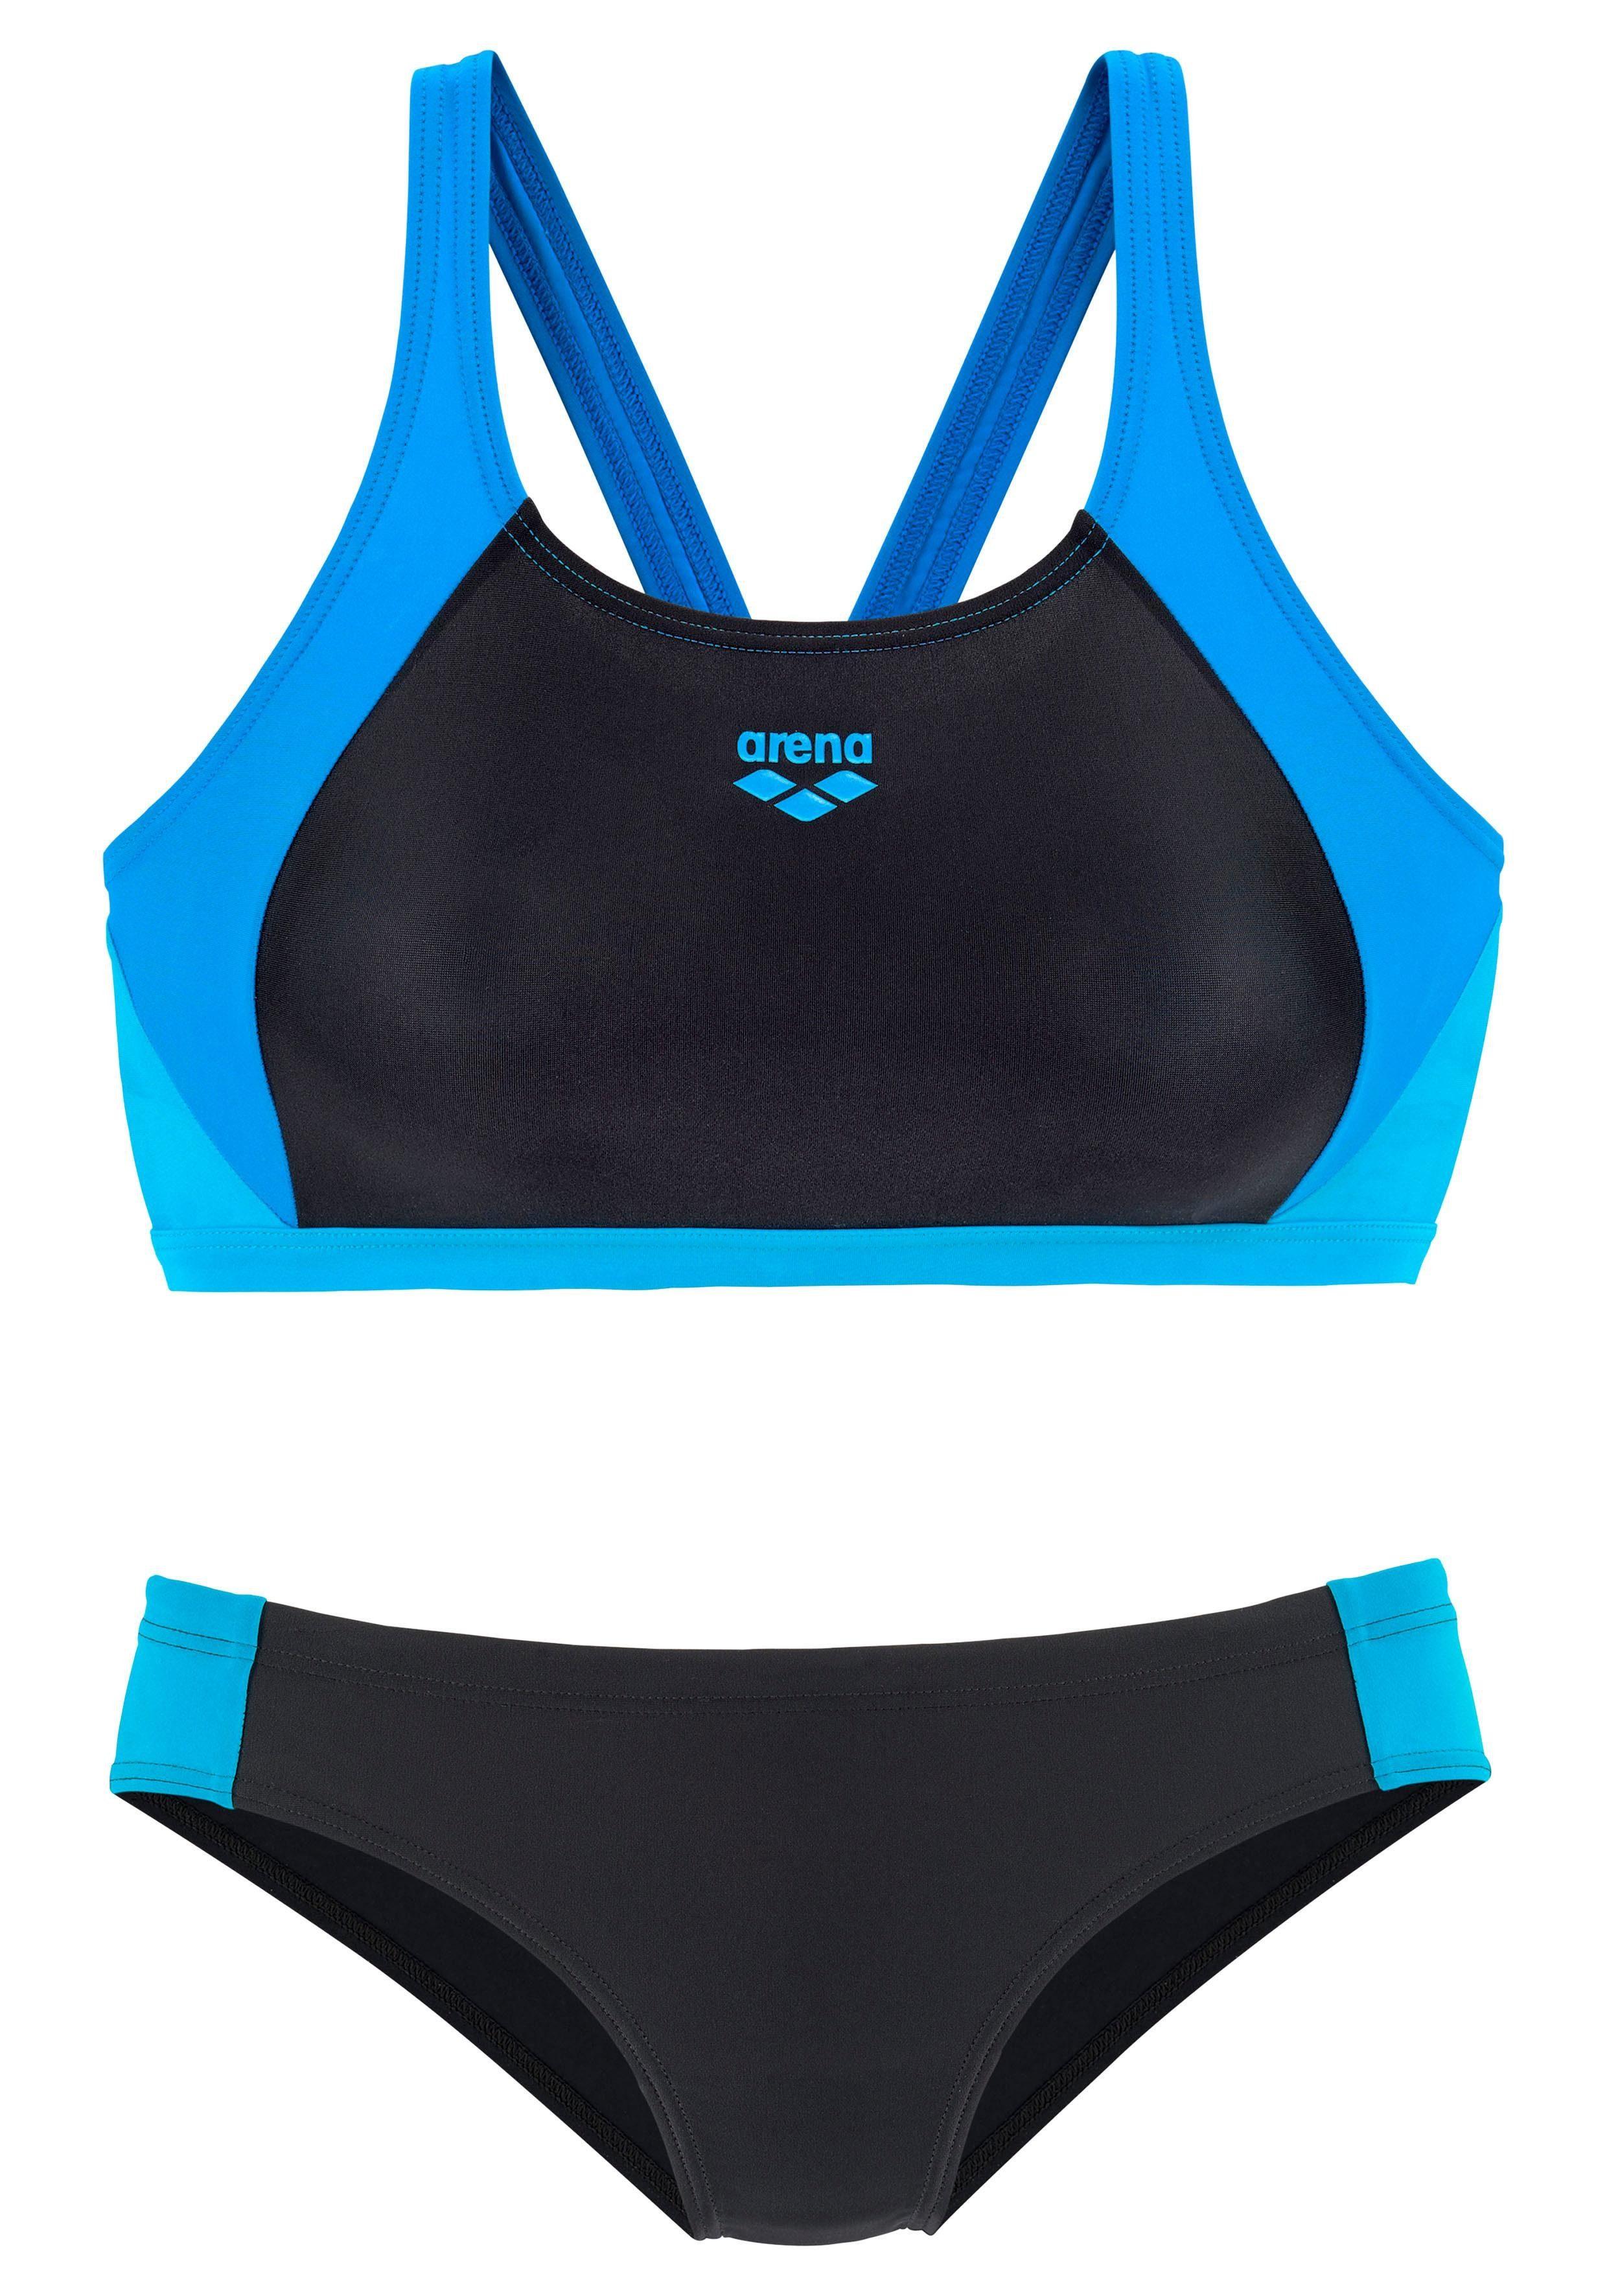 Arena Bustier-Bikini mit Ringerrücken